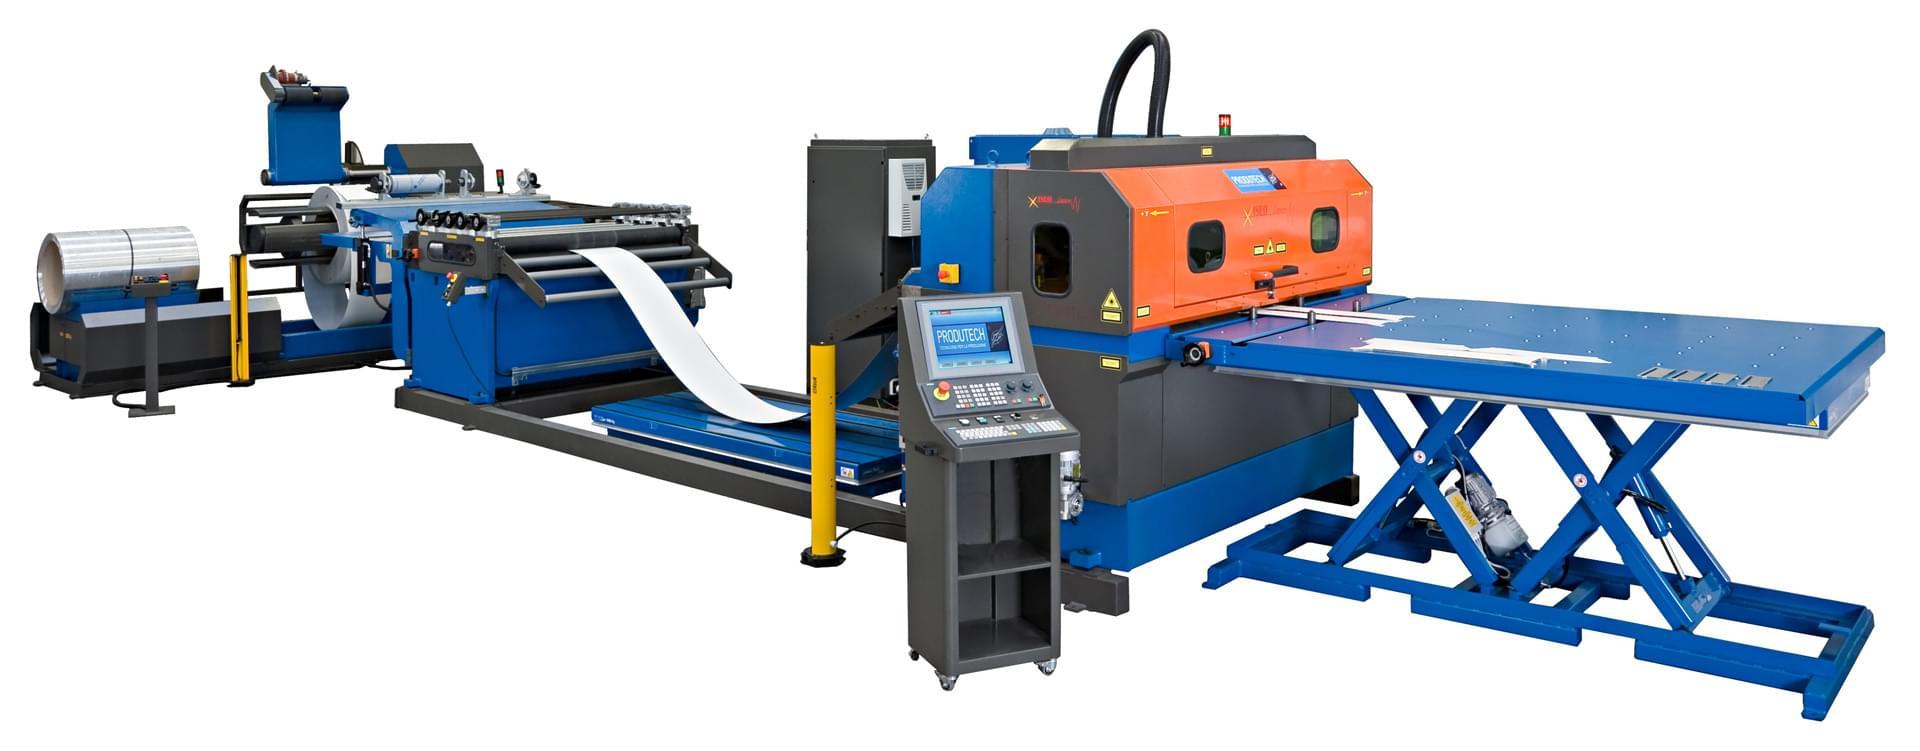 ISEO A2 taglio laser da coil Produtech